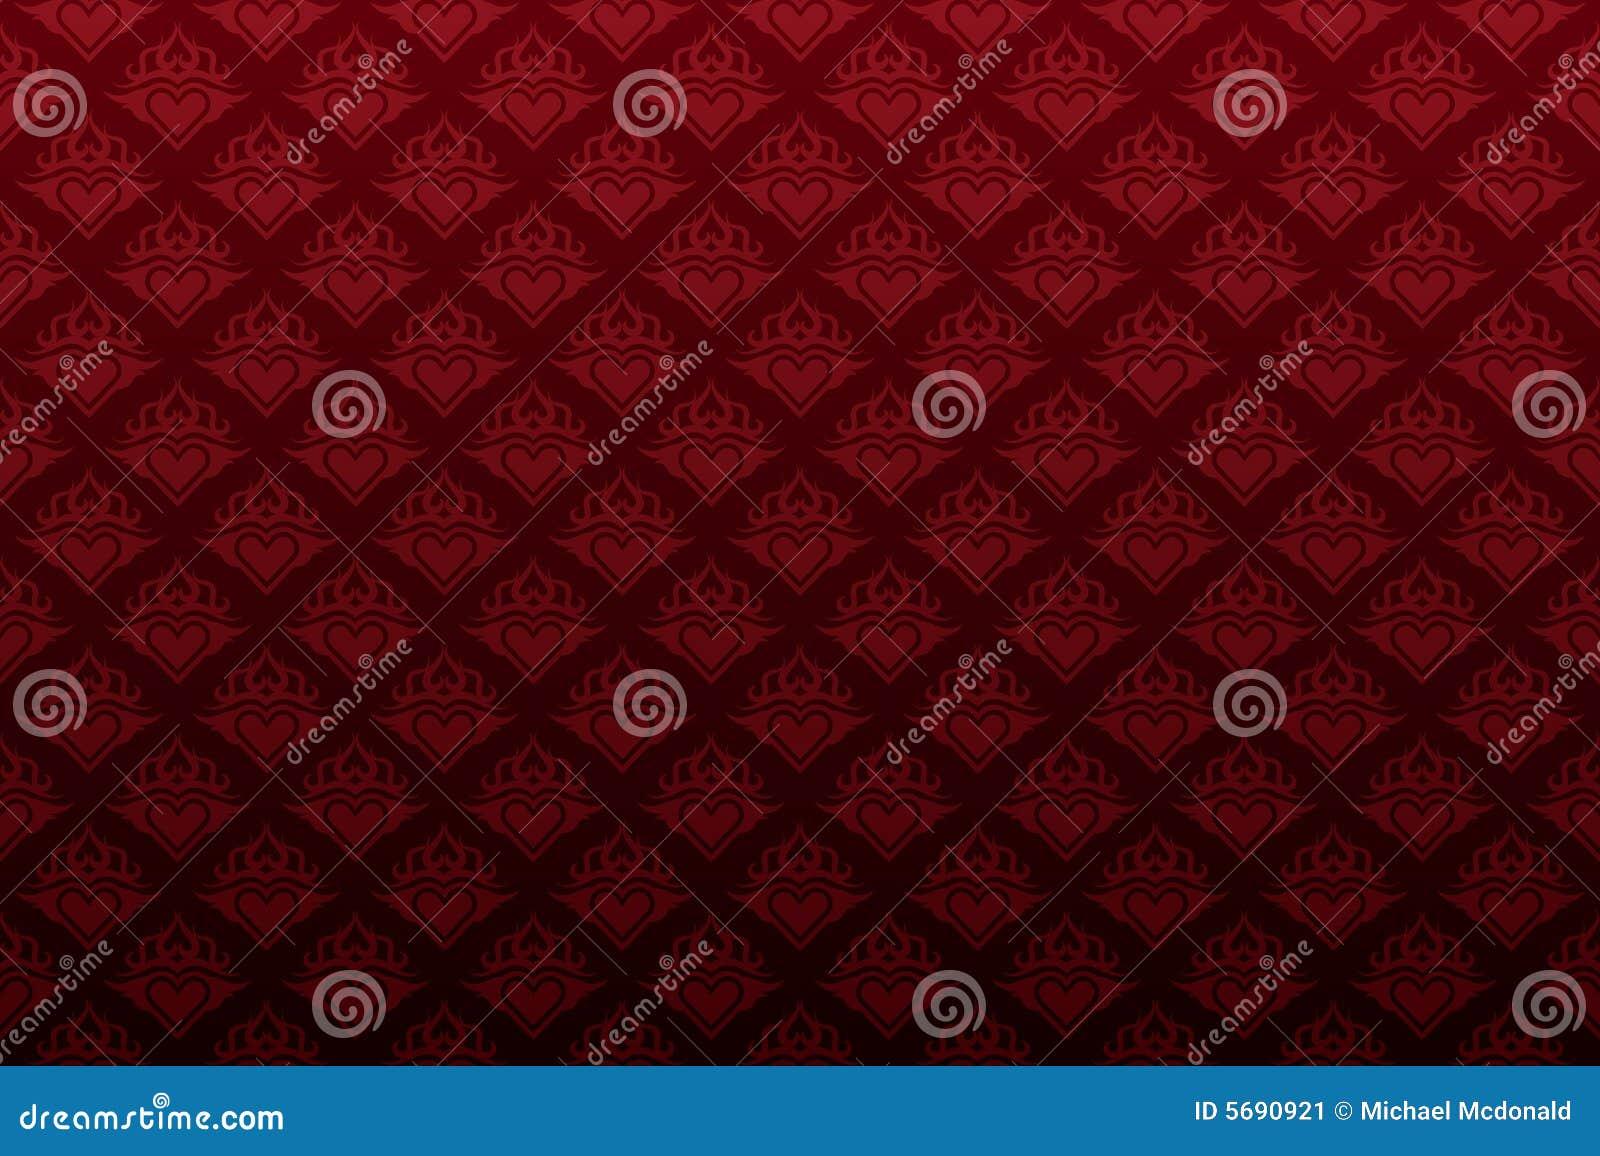 Donkerrood hart bloemen naadloos behang